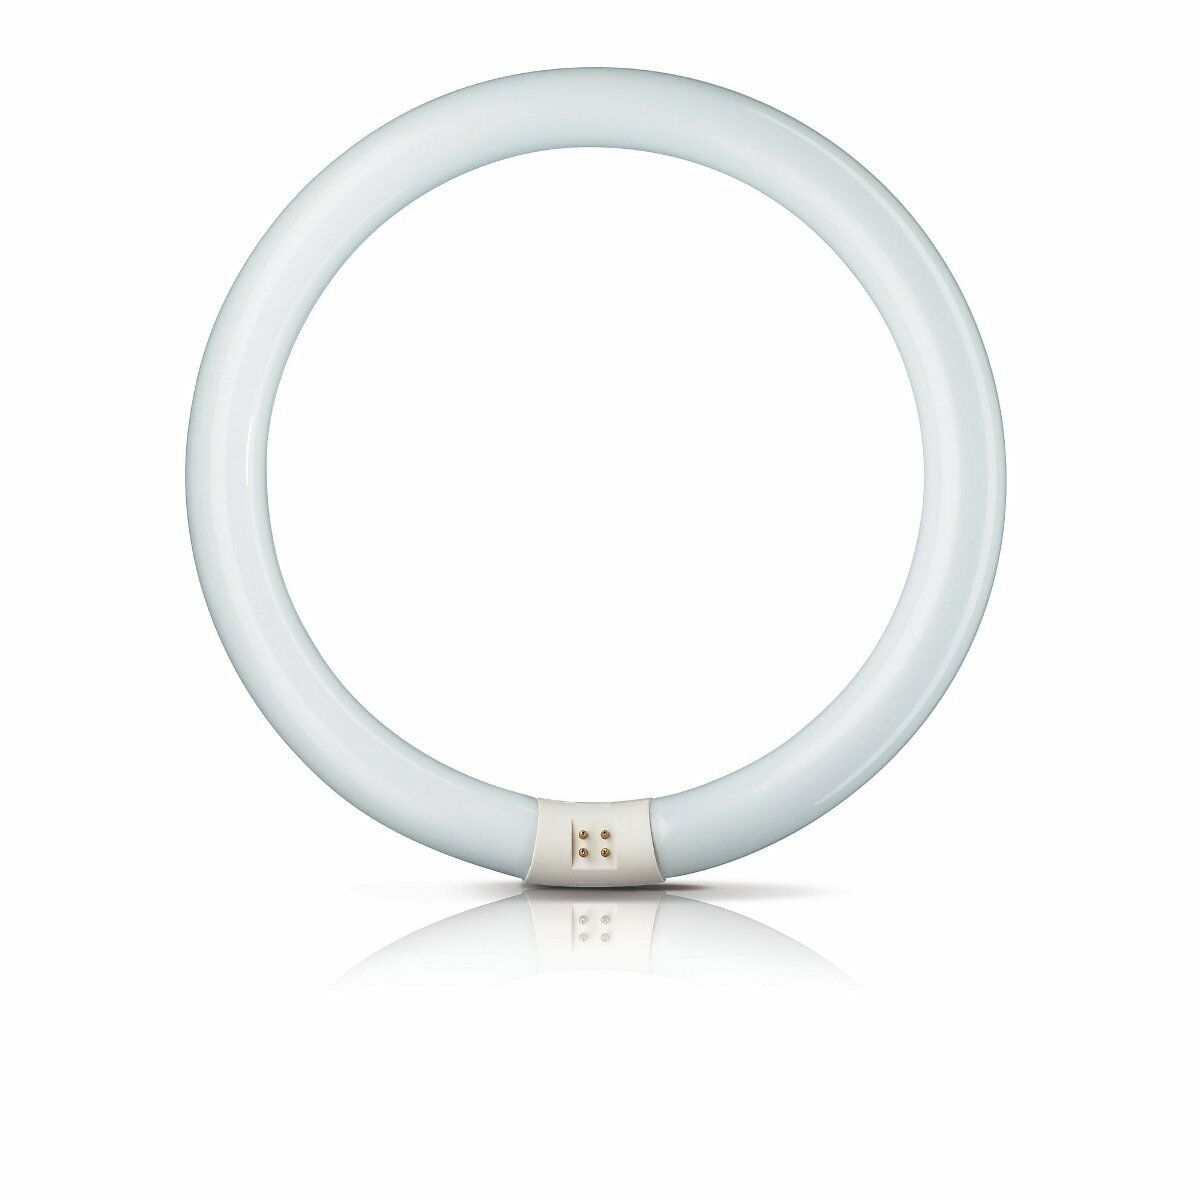 10x Philips Leuchtstoffröhre MASTER TL-E Circular - C-T9, 840 Neutralweiß - 22W